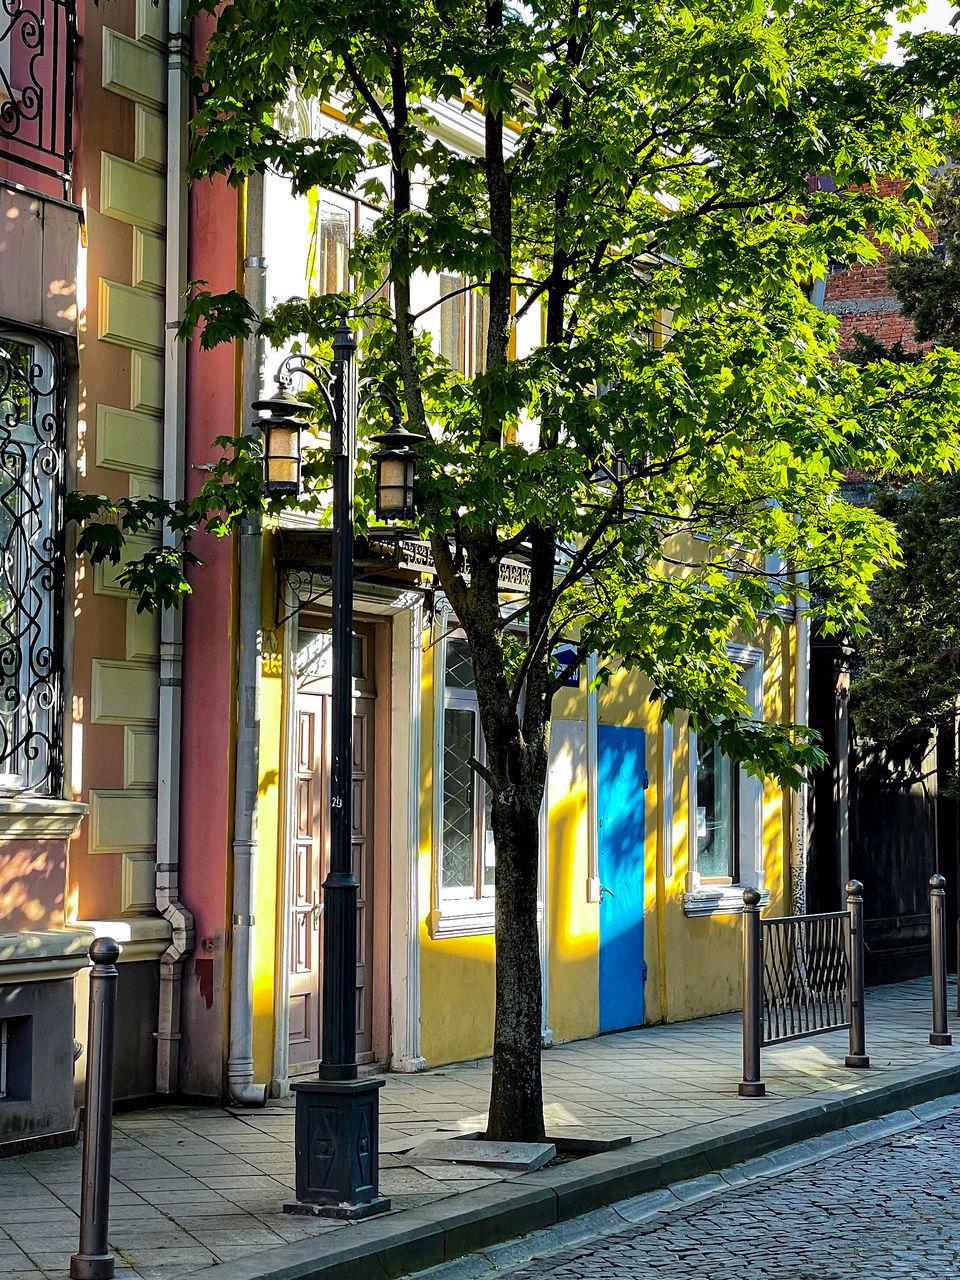 STREET LIGHT ON SIDEWALK BY BUILDING